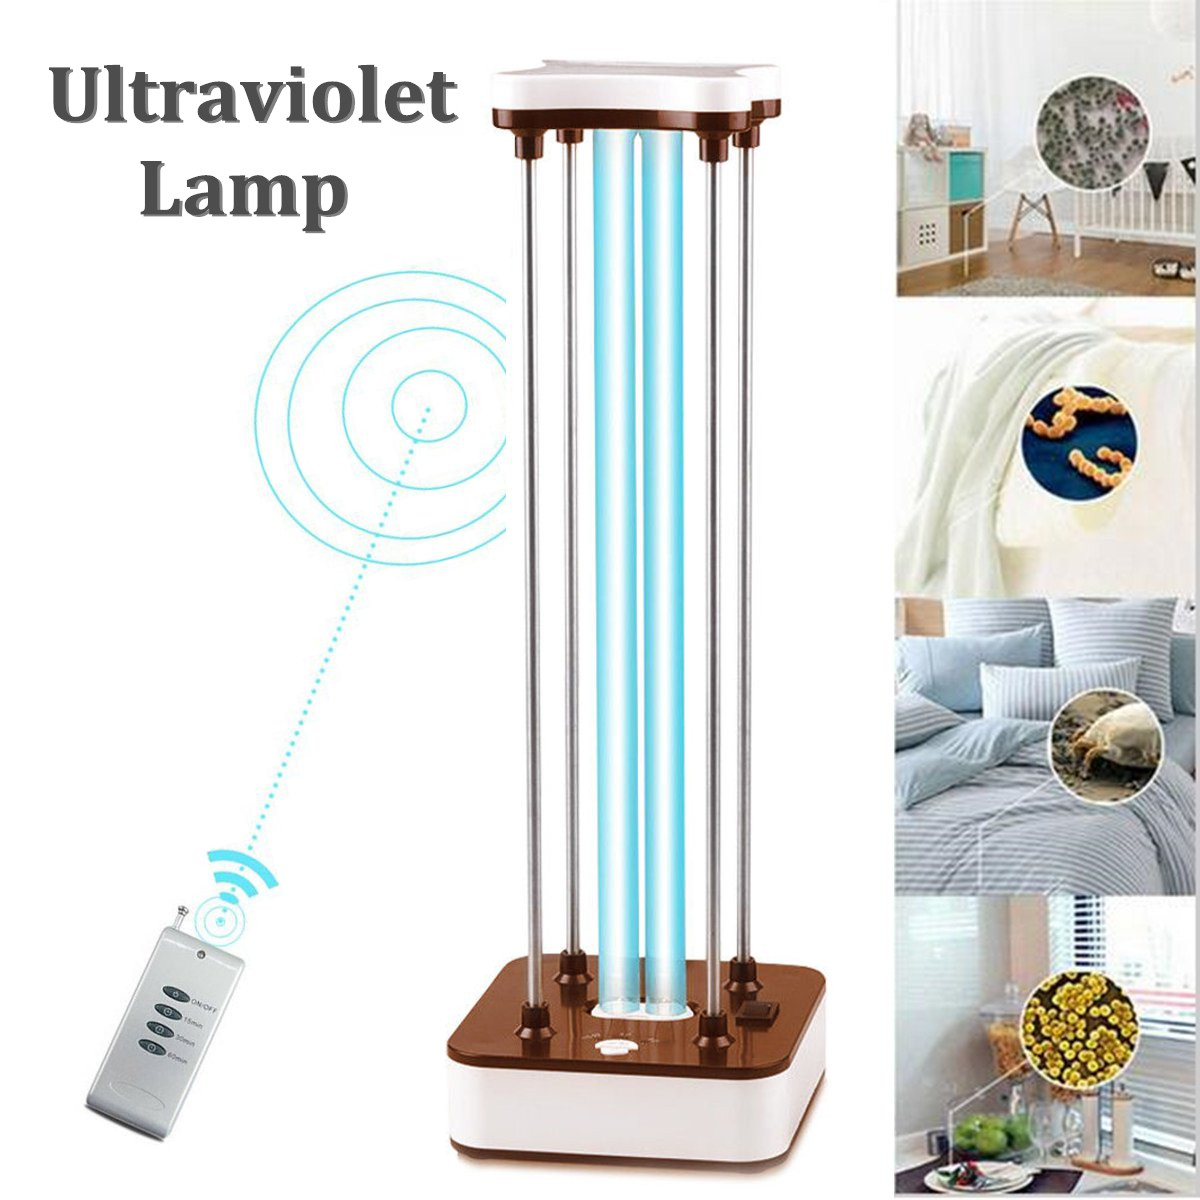 36 W 110 V 220 V UVC stérilisation germicide CFL lampe ampoule lumière ultraviolette à distance calendrier Contol Ozone lampe ultraviolette